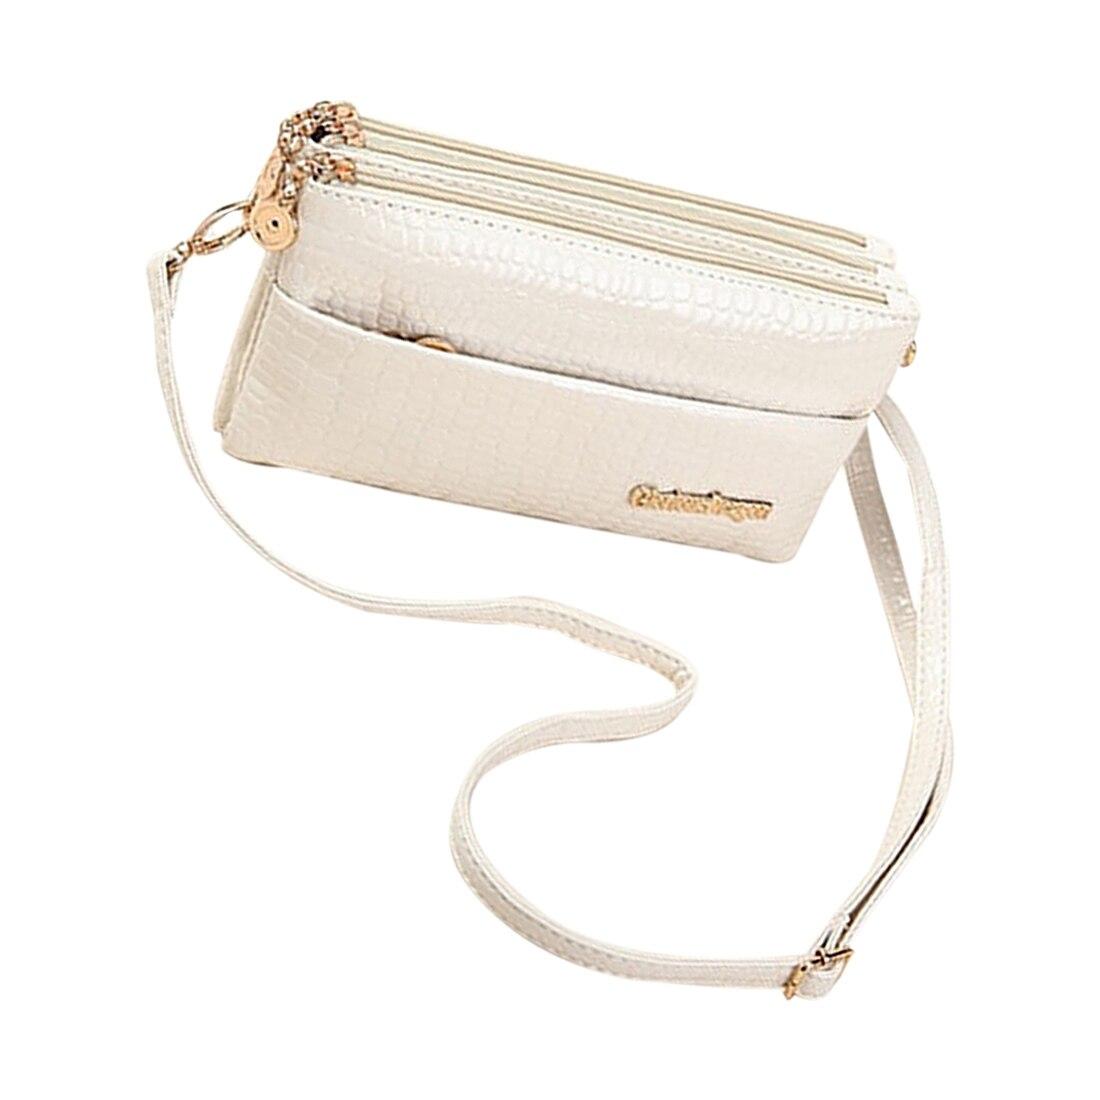 FGGS Caliente bolsos de Las Mujeres Pequeño Bolso de Cocodrilo Patrón de Mensaje